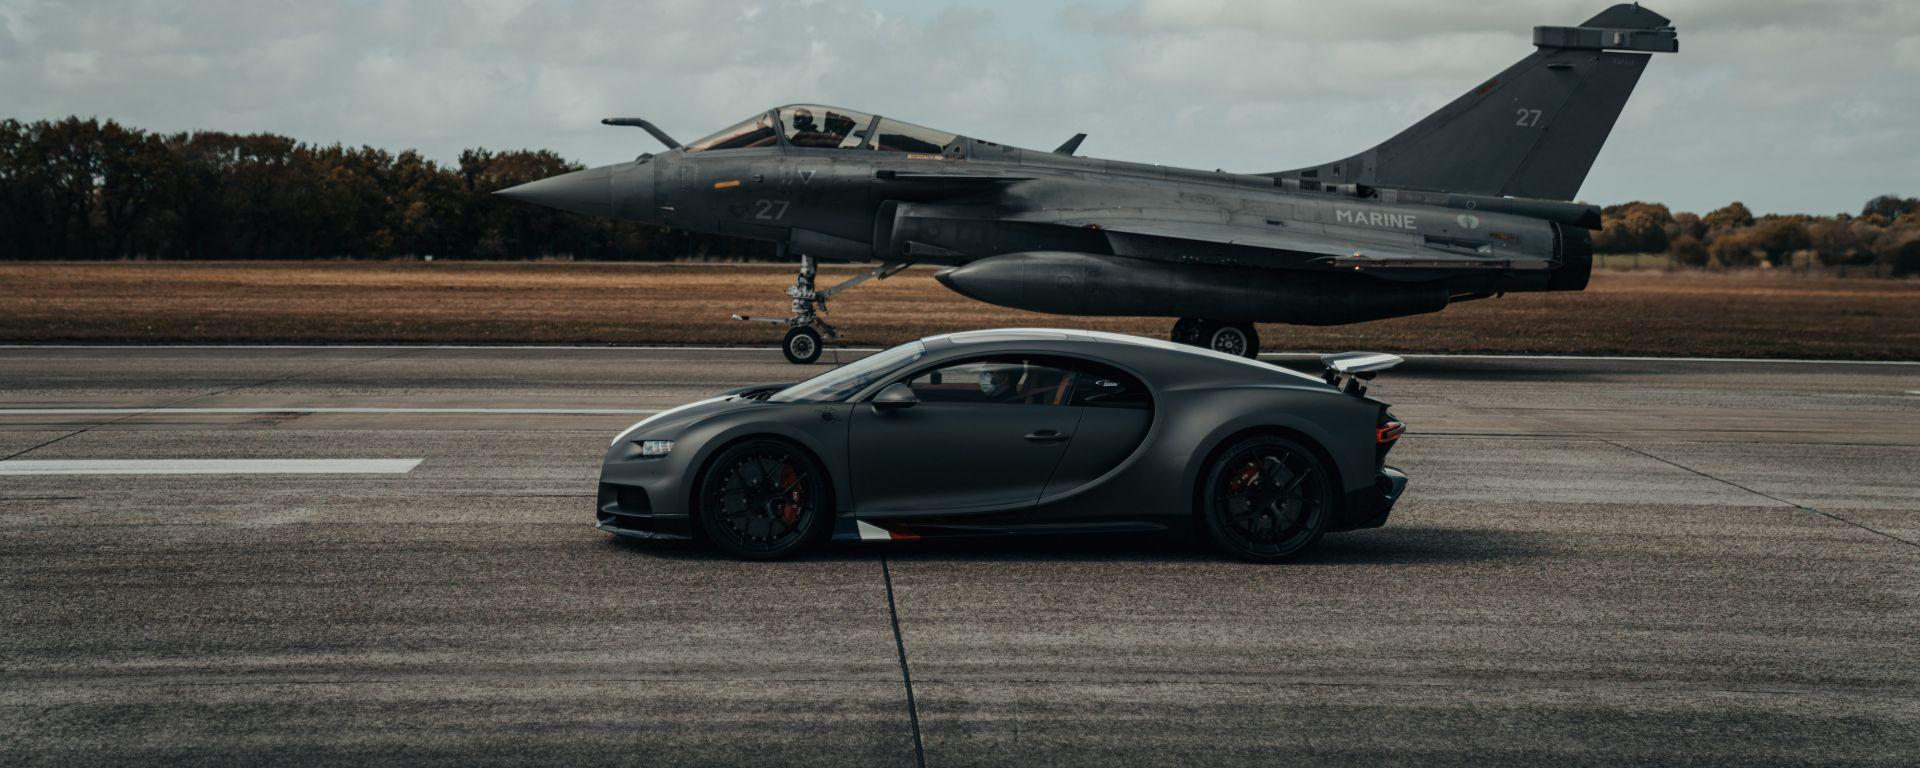 Bugatti Chiron Sport Les Legendes Du Ciel e Dassault Rafale Marine pronti per la sfida